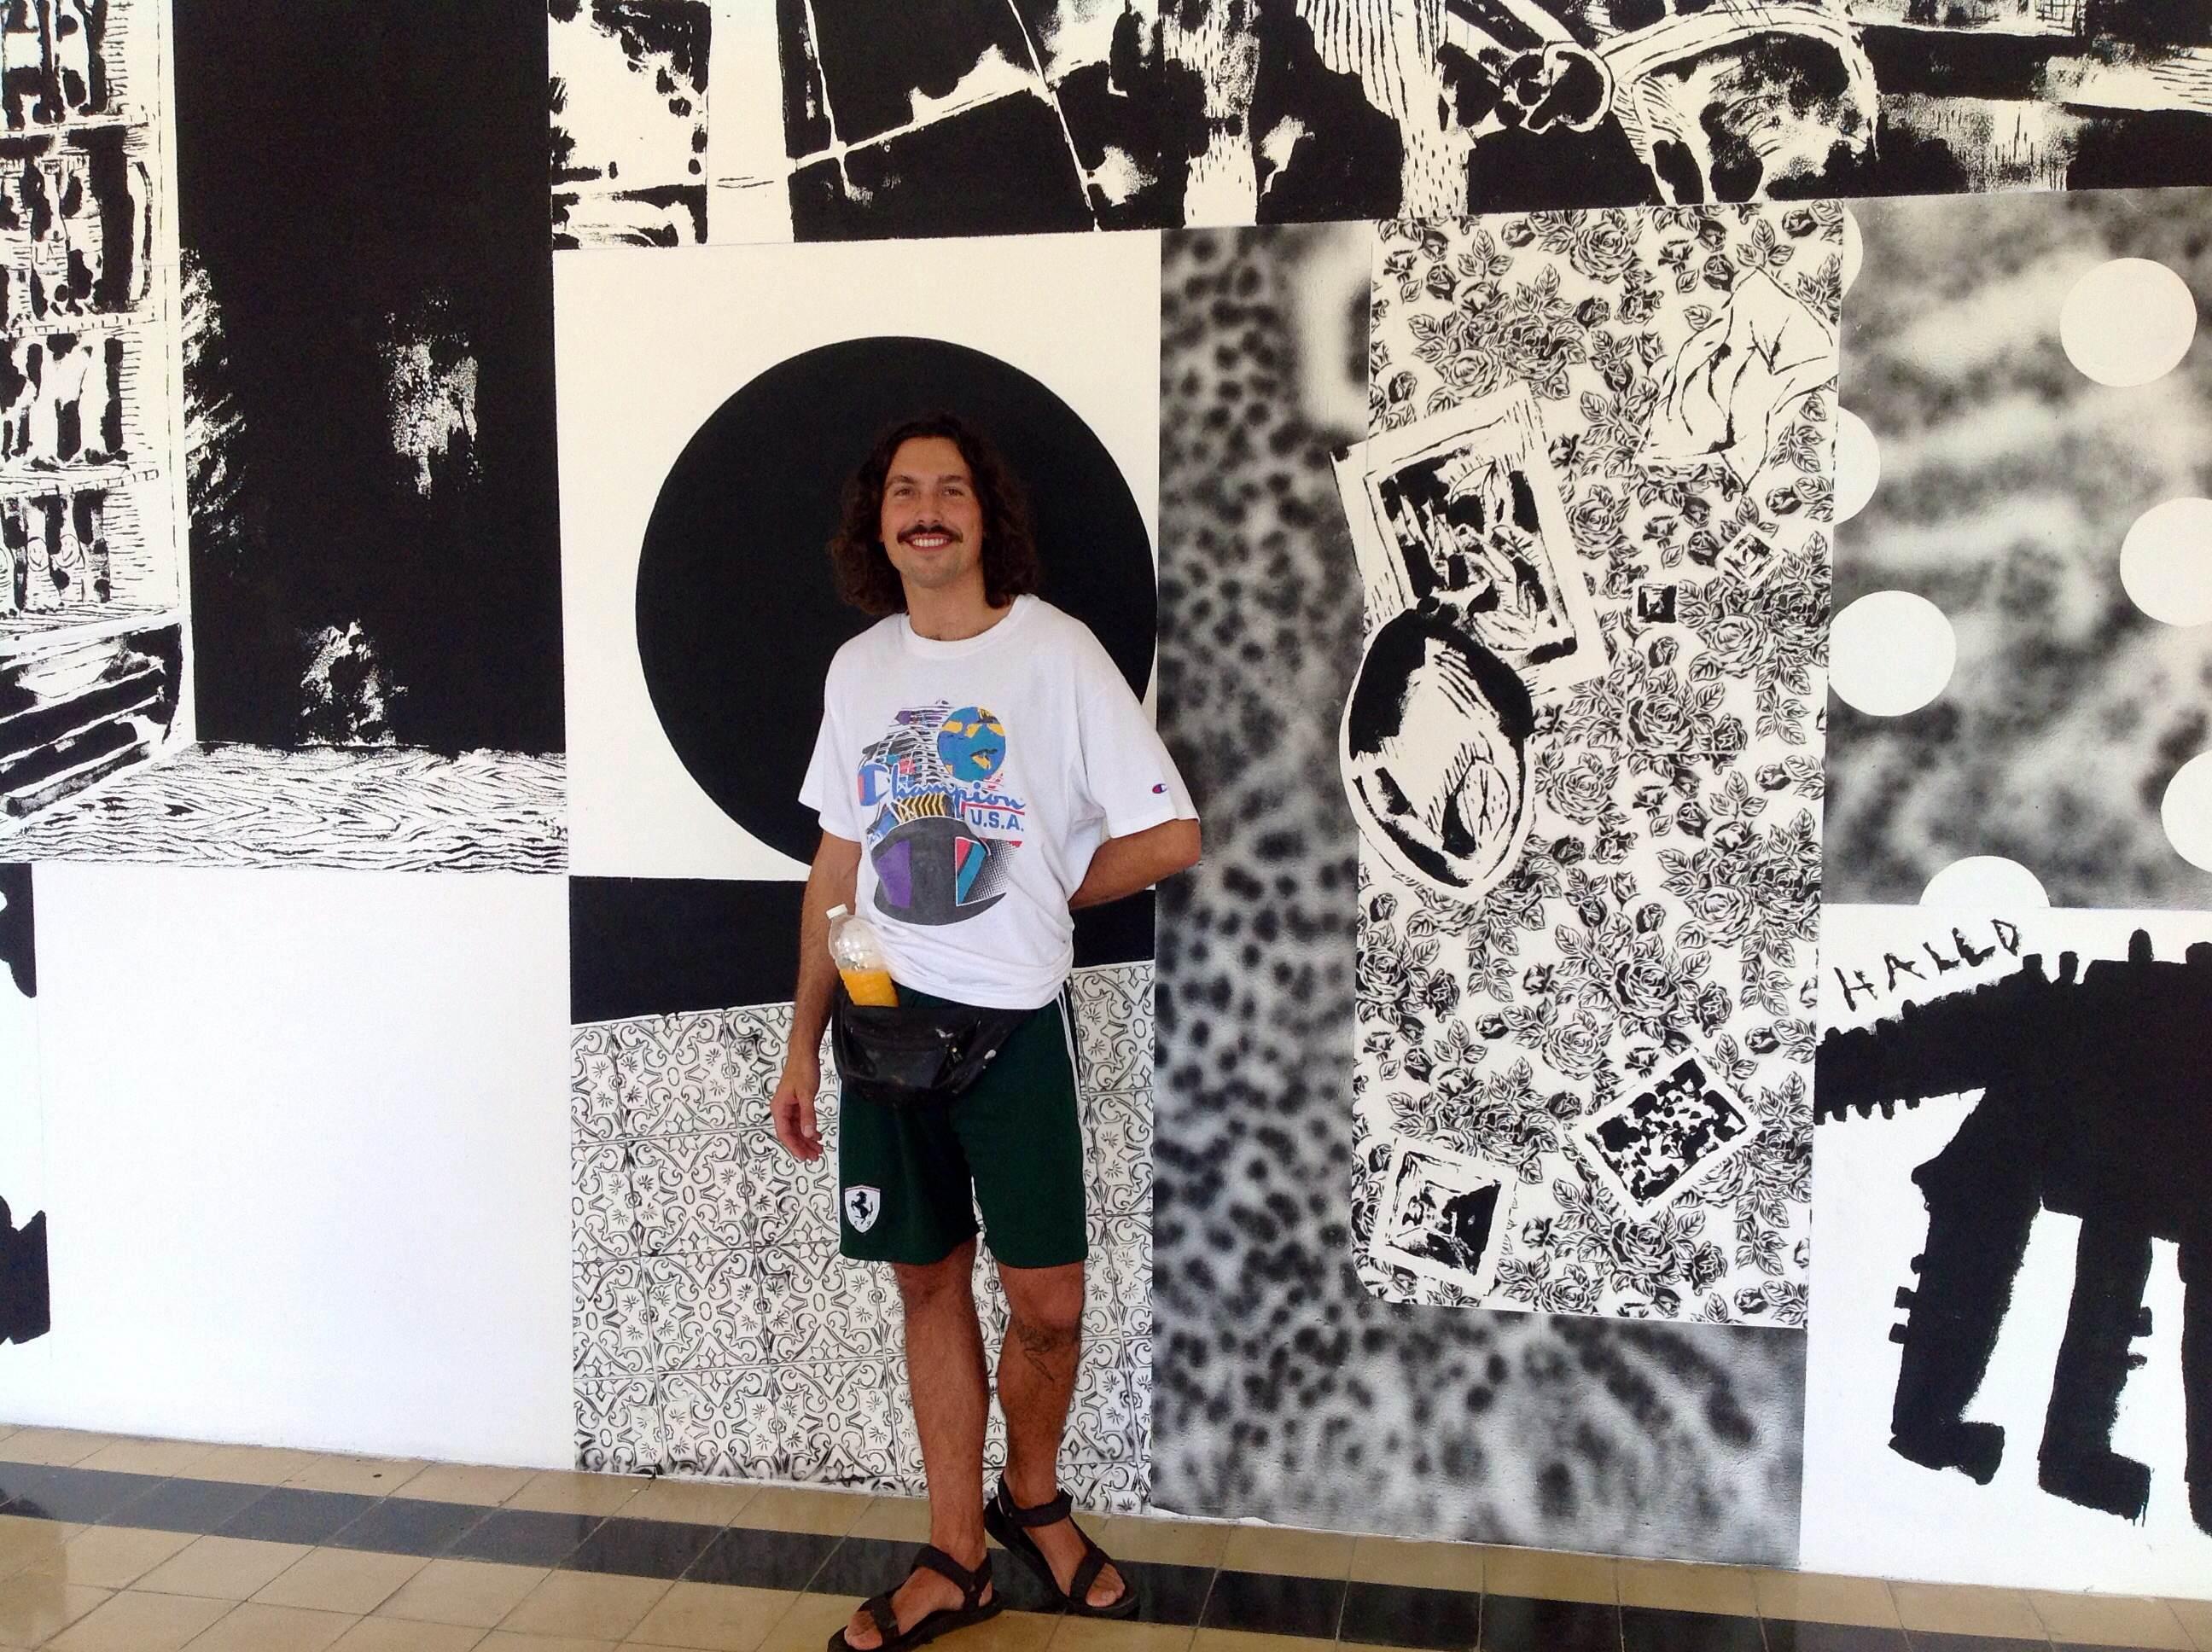 Muralistaaustriaco 'se inspira' en Mérida